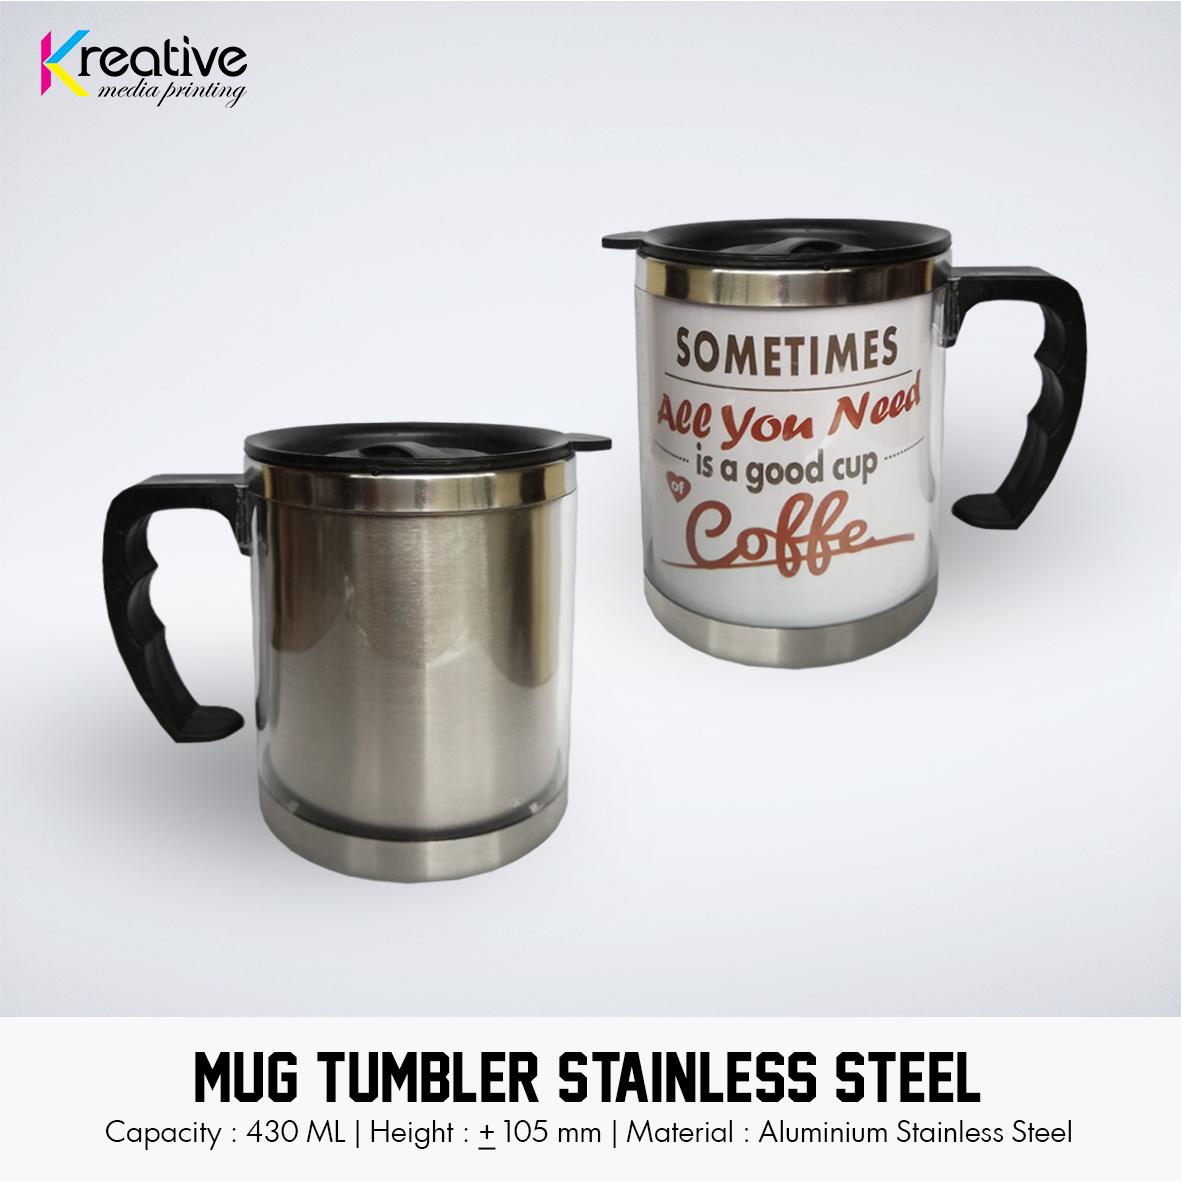 Mug Tumbler Stainless Steel